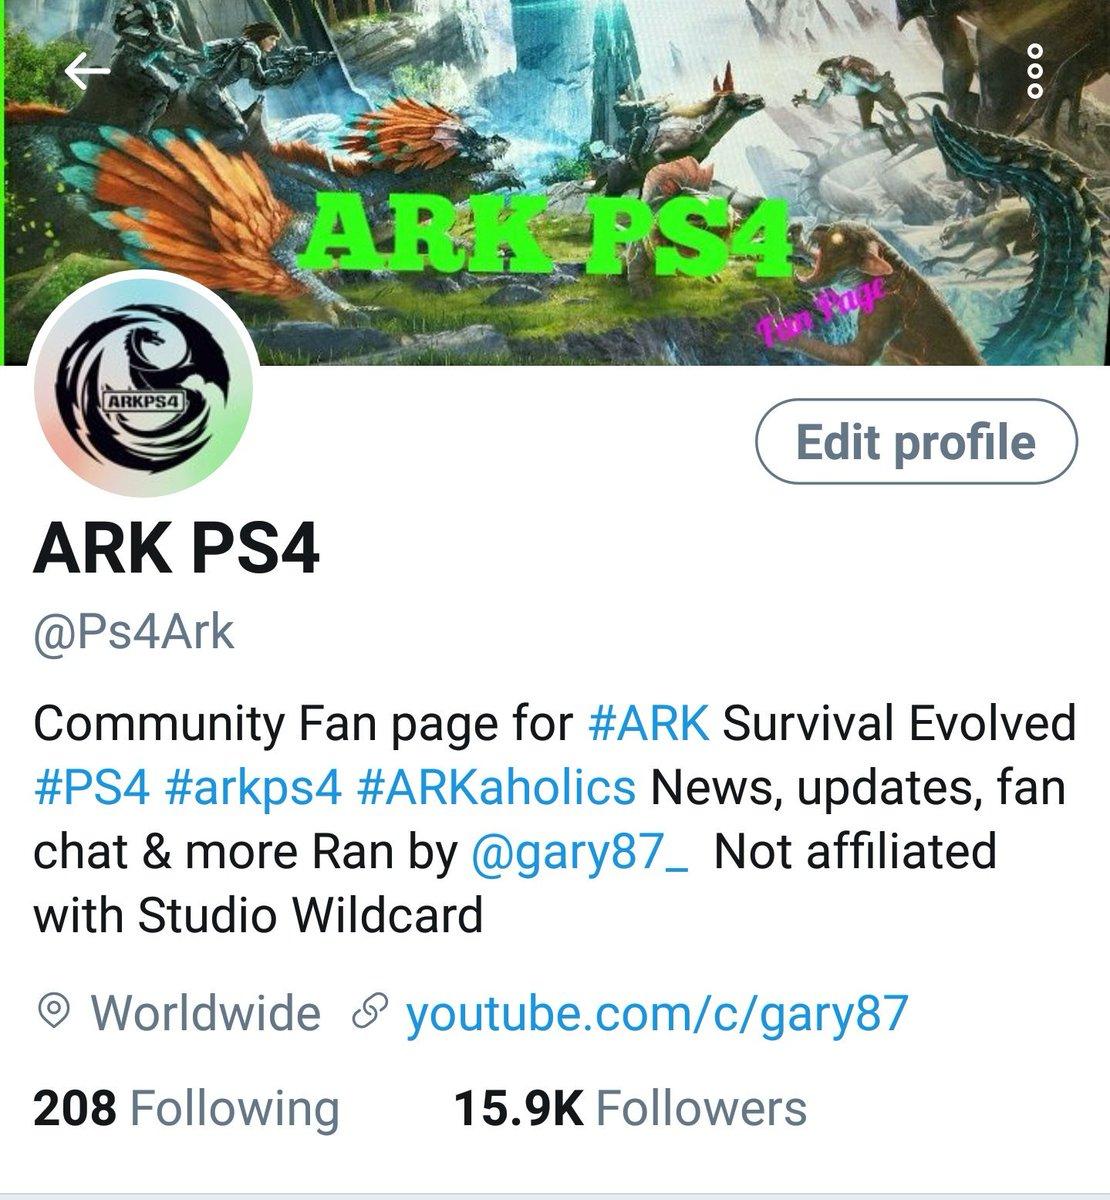 ARK PS4 on Twitter: